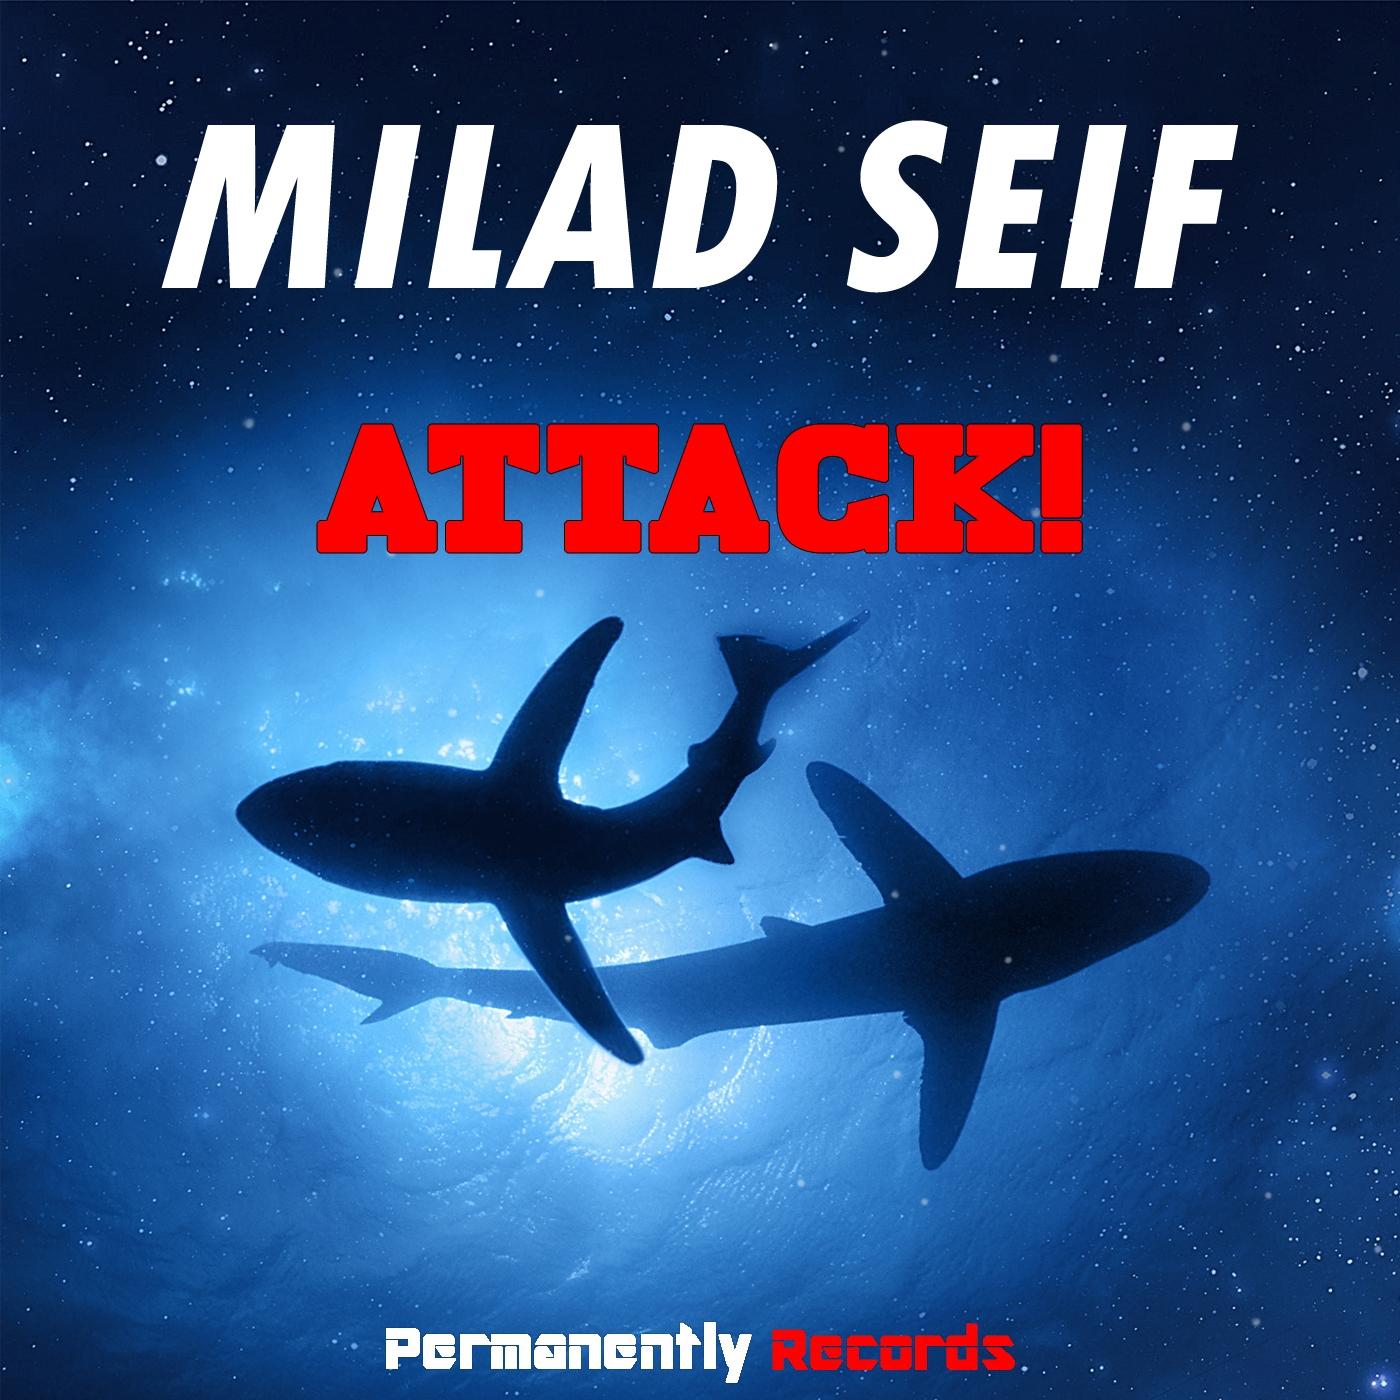 Milad Seif - Attack! (Original mix)